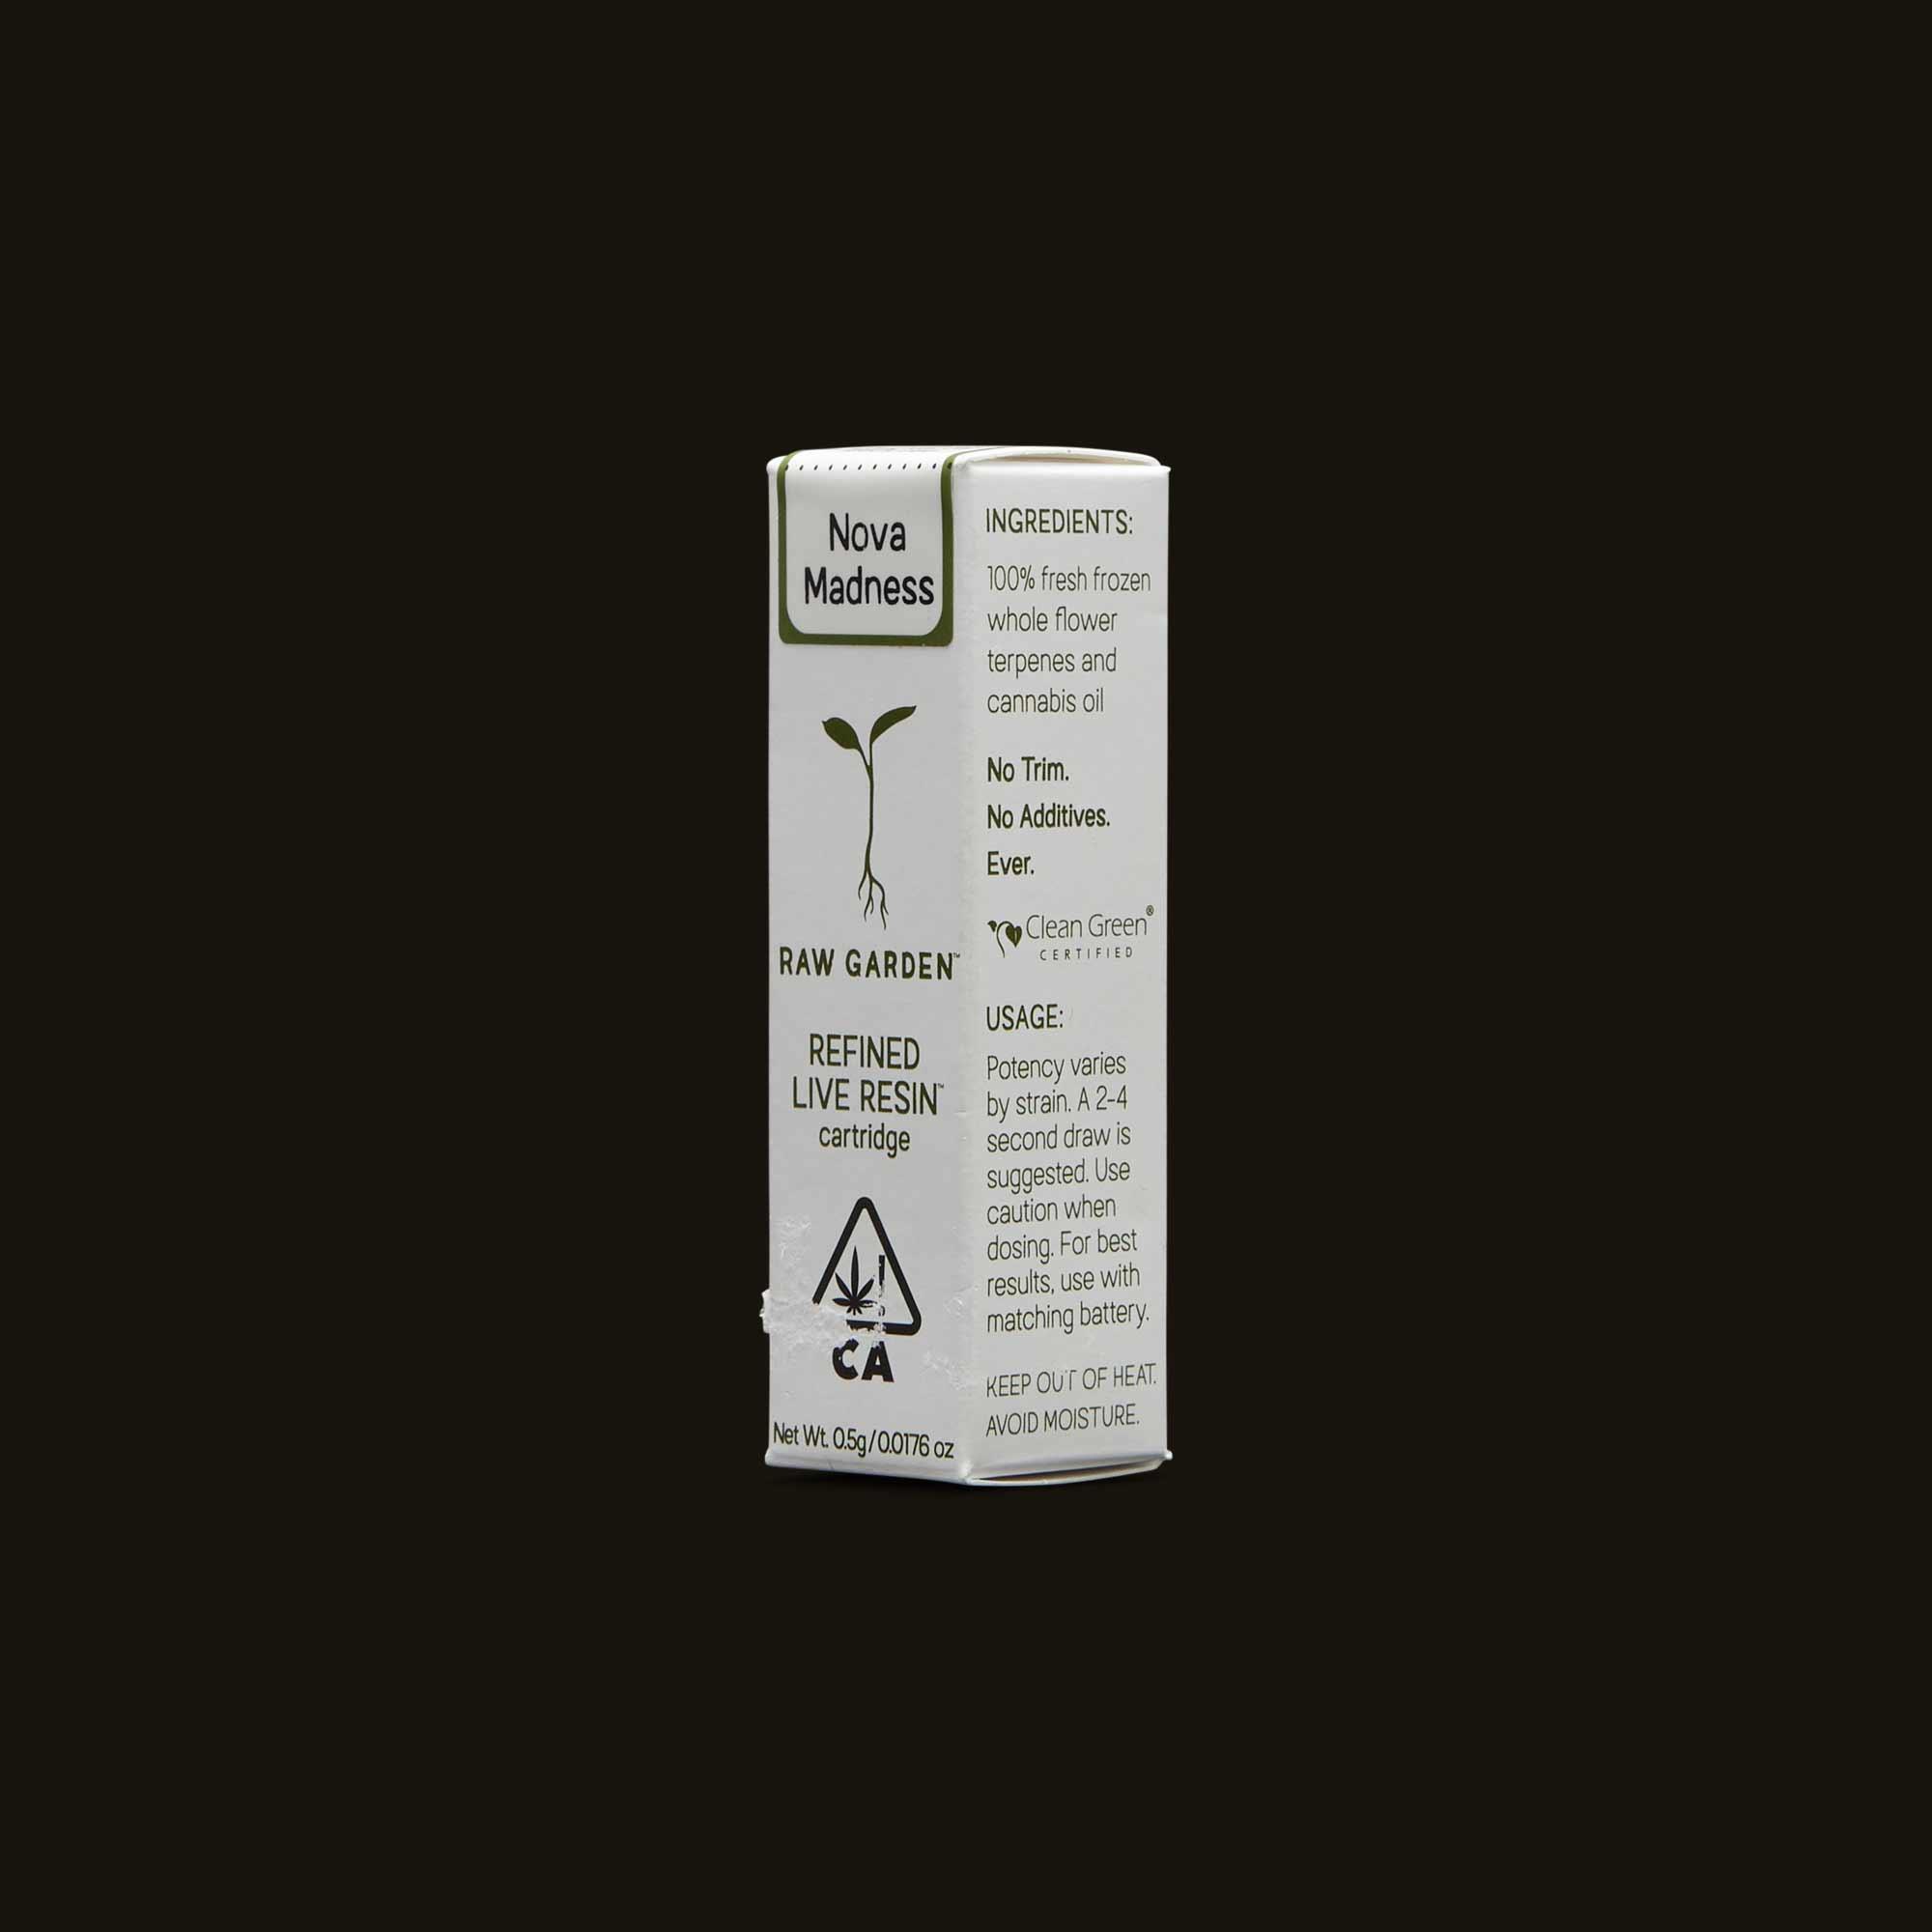 Raw Garden Vape Pen - Nova Madness Cartridge